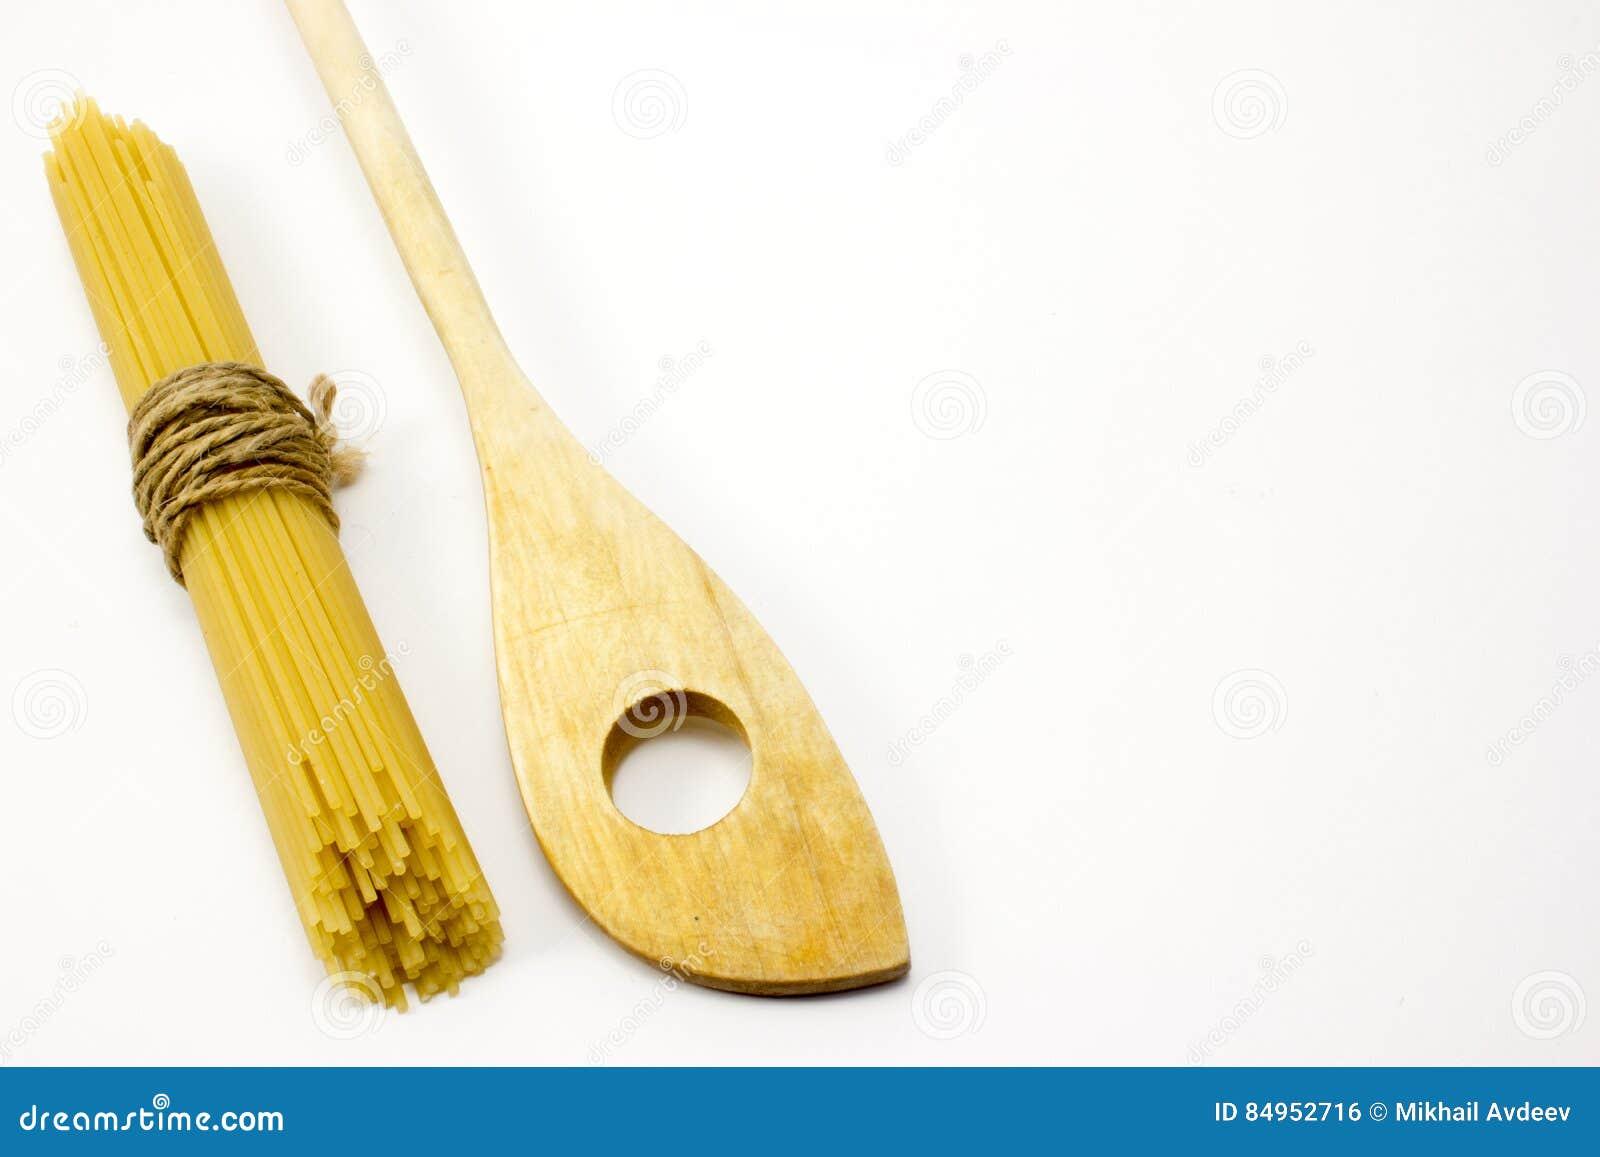 Träsked och pasta